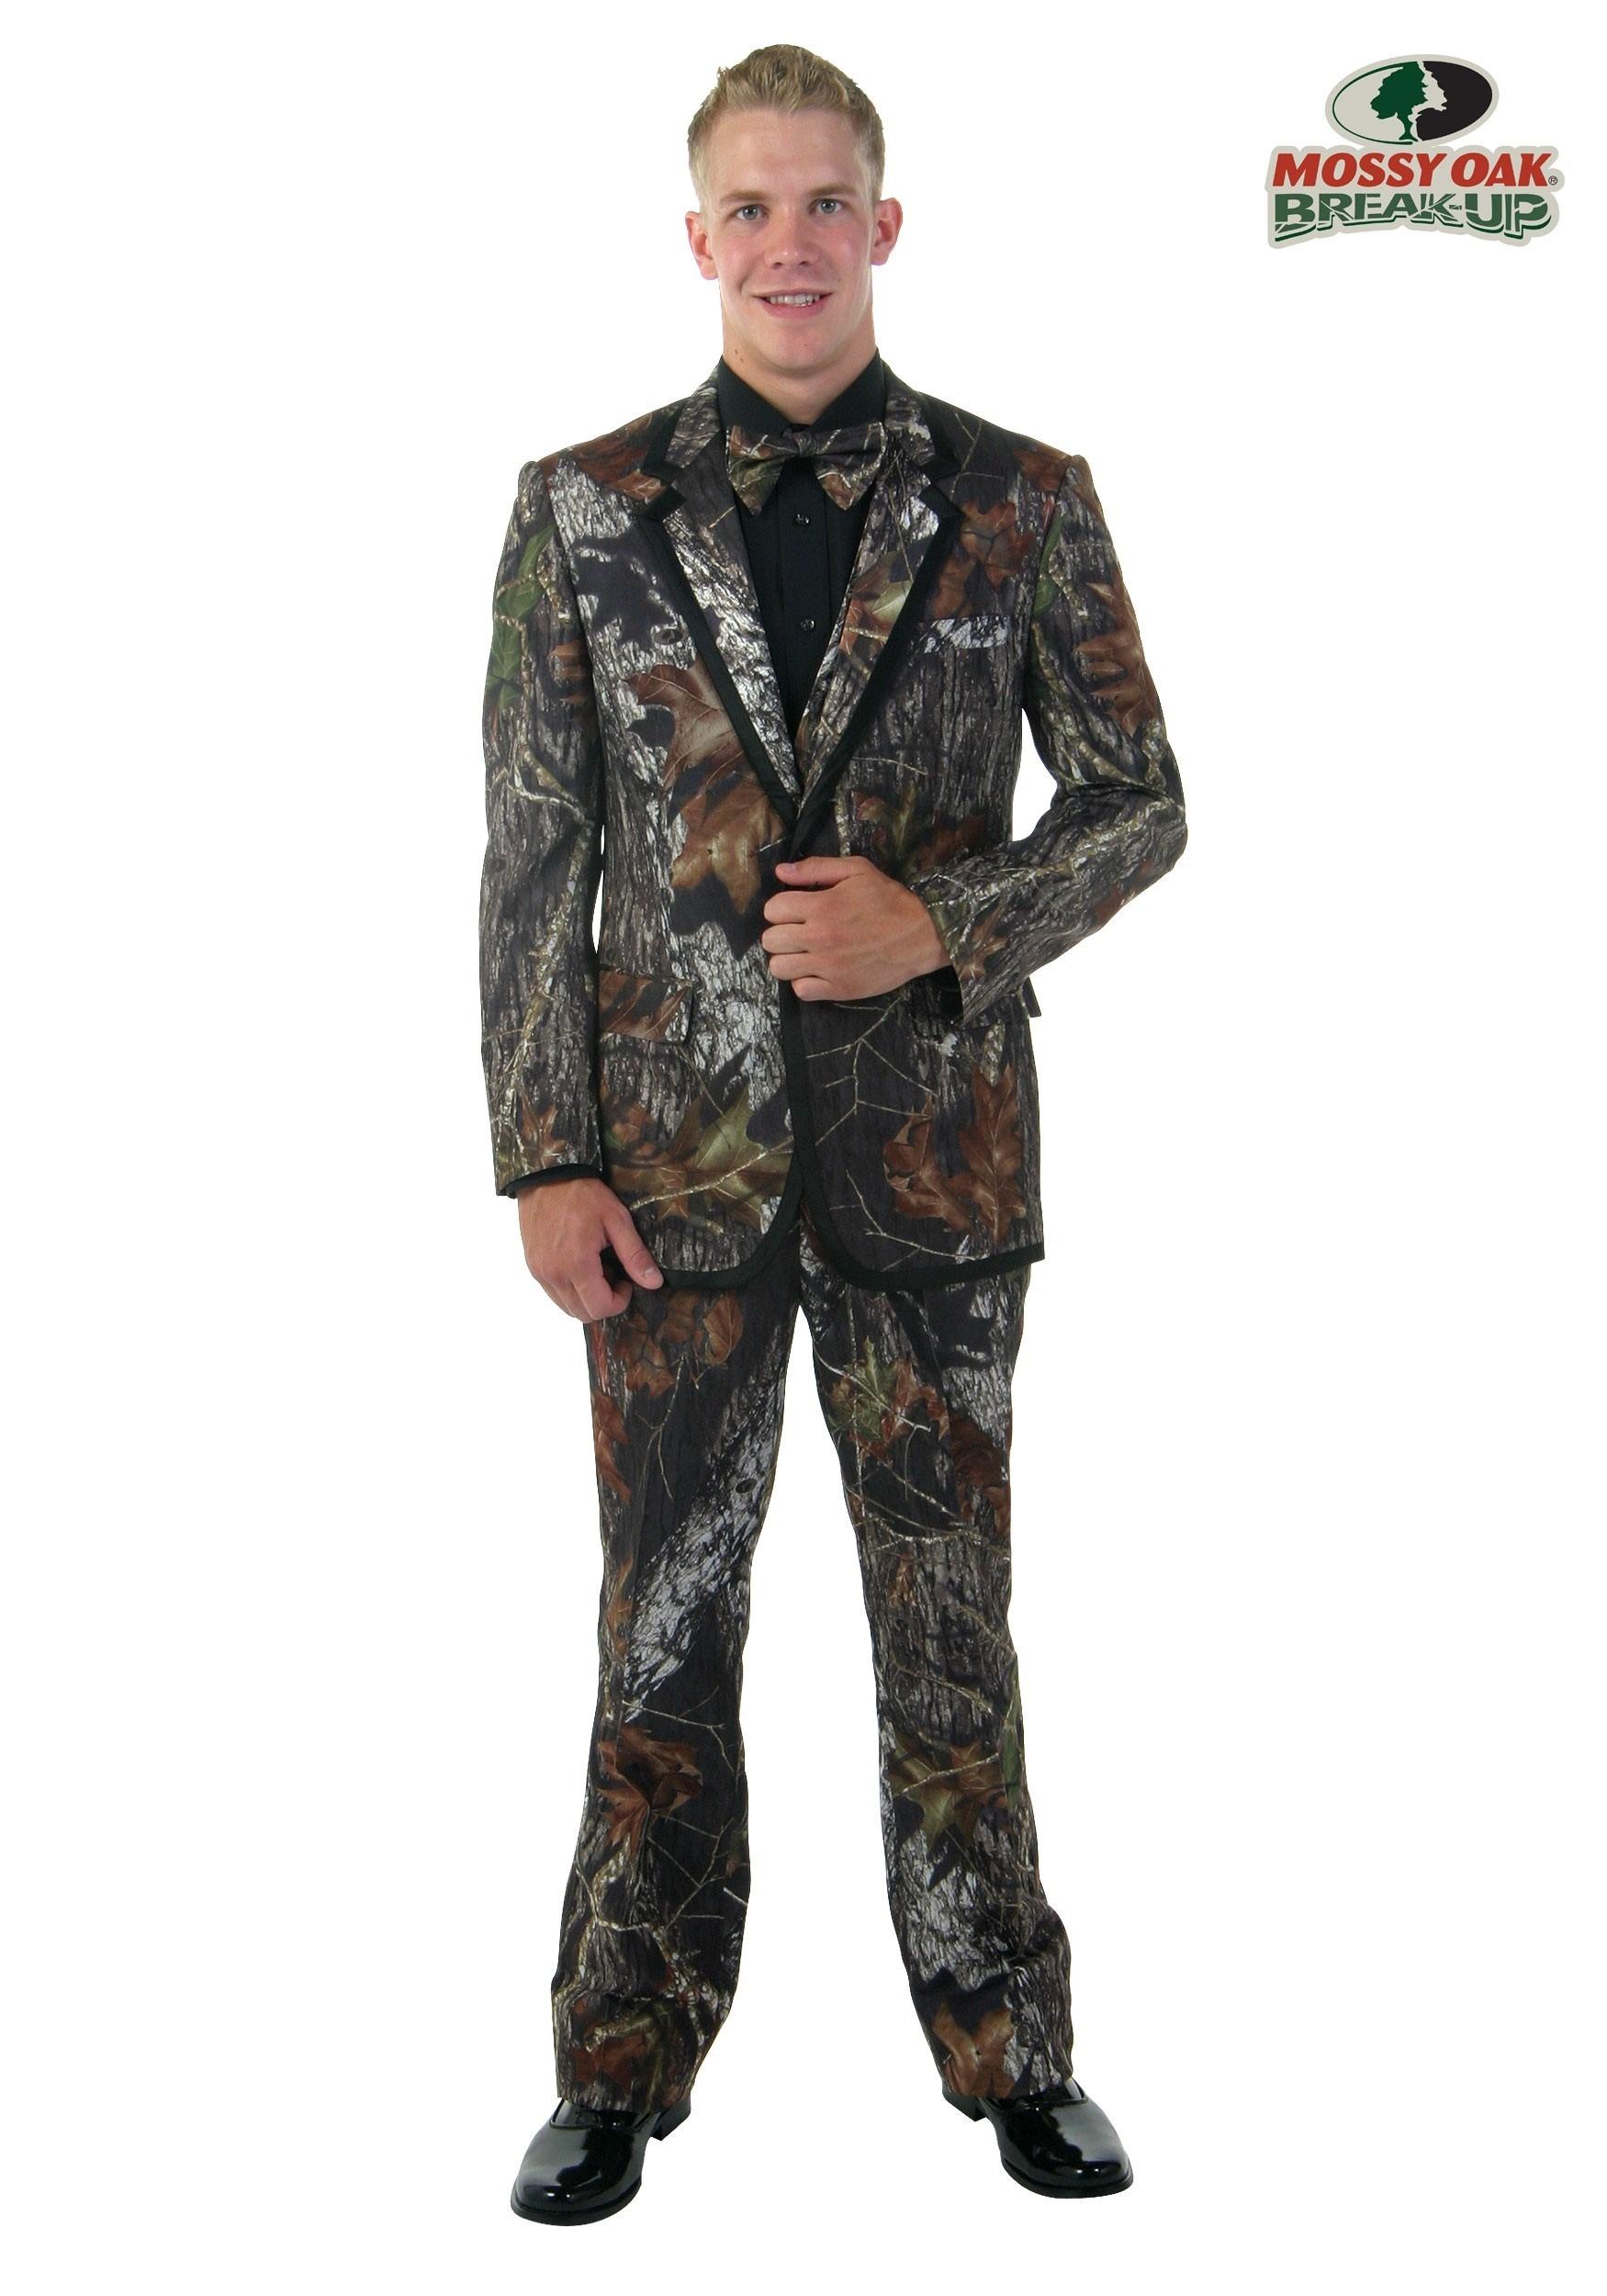 Mossy Oak New Break Up Alpine Formal Tuxedo